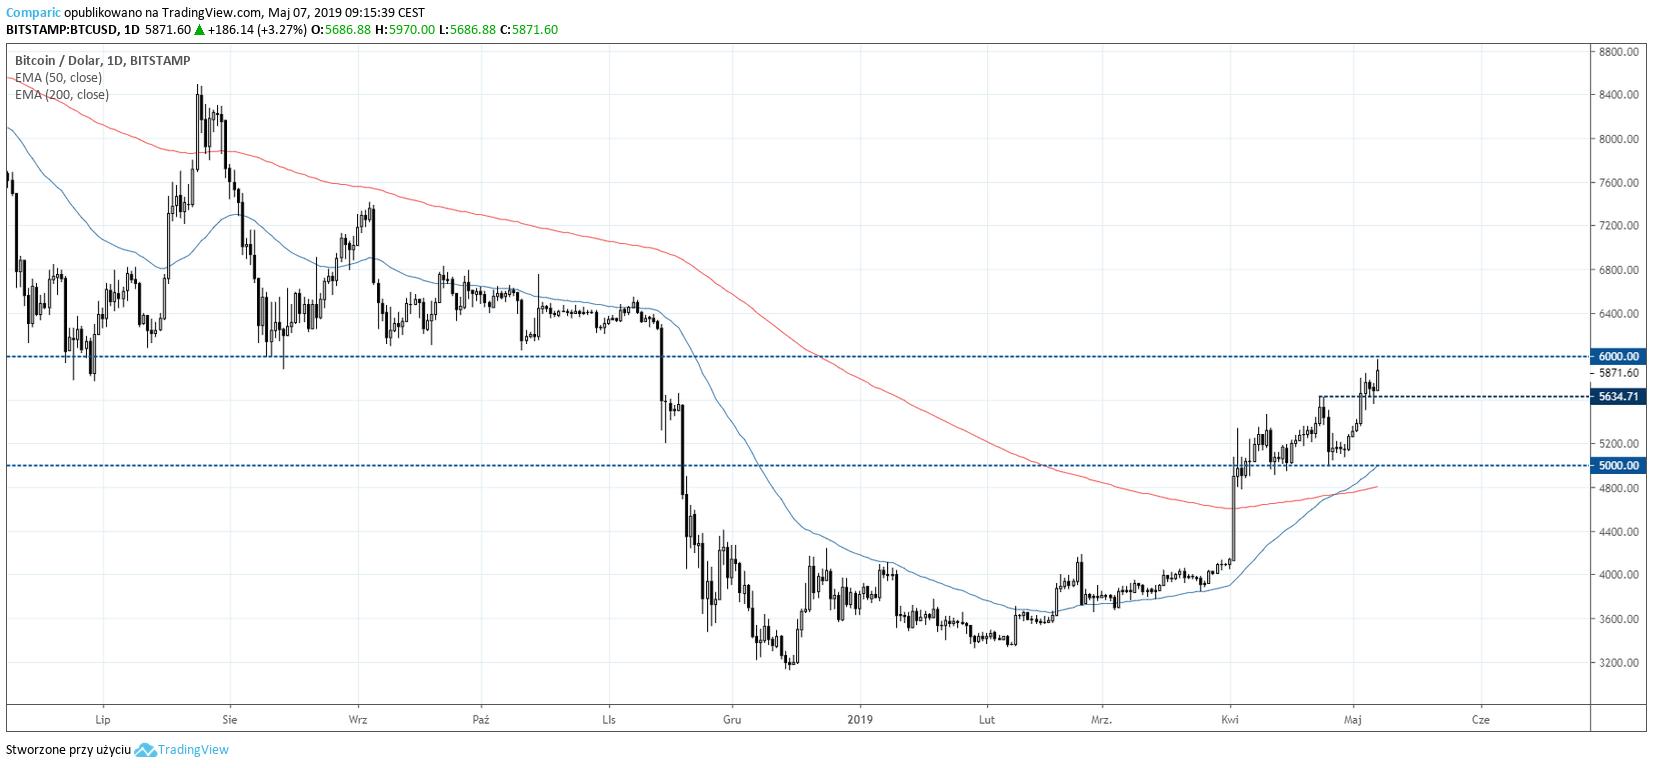 Bitcoin na wykresie dziennym. Kurs BTC w bliższej perspektywie